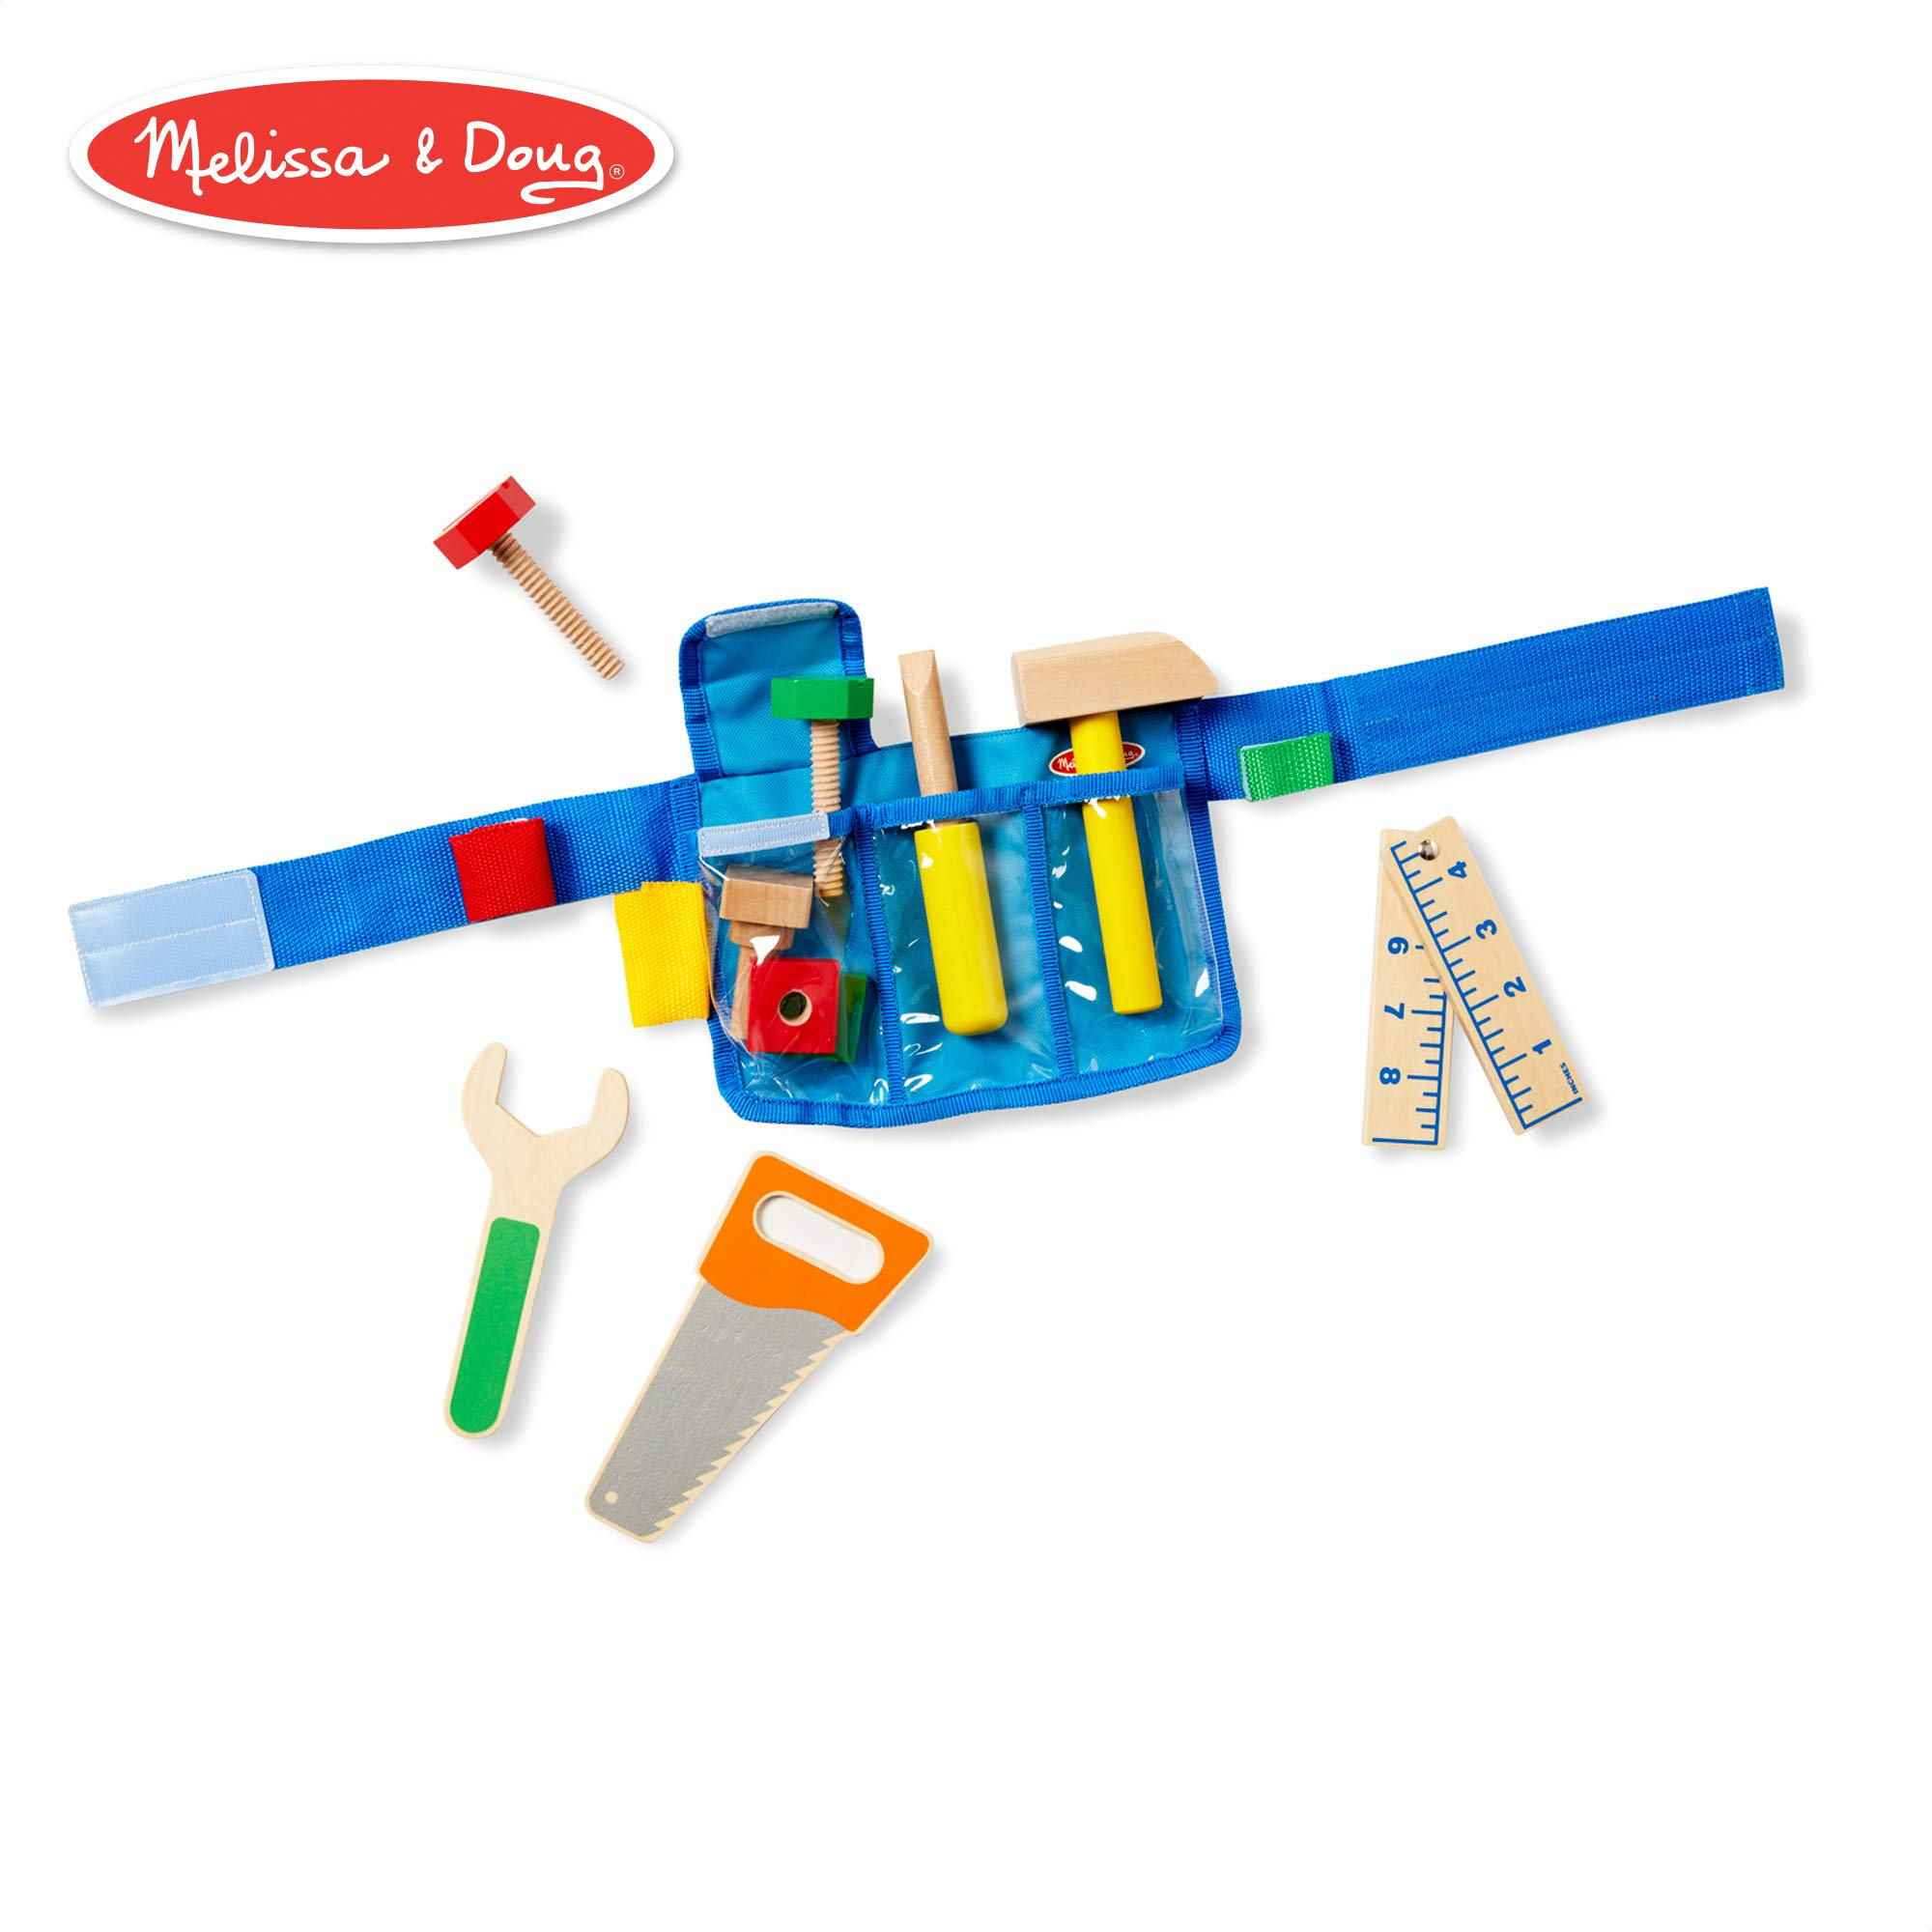 Melissa & Doug Deluxe Tool Belt Set (5 Wooden Toy Tools, 8 Building Pieces)